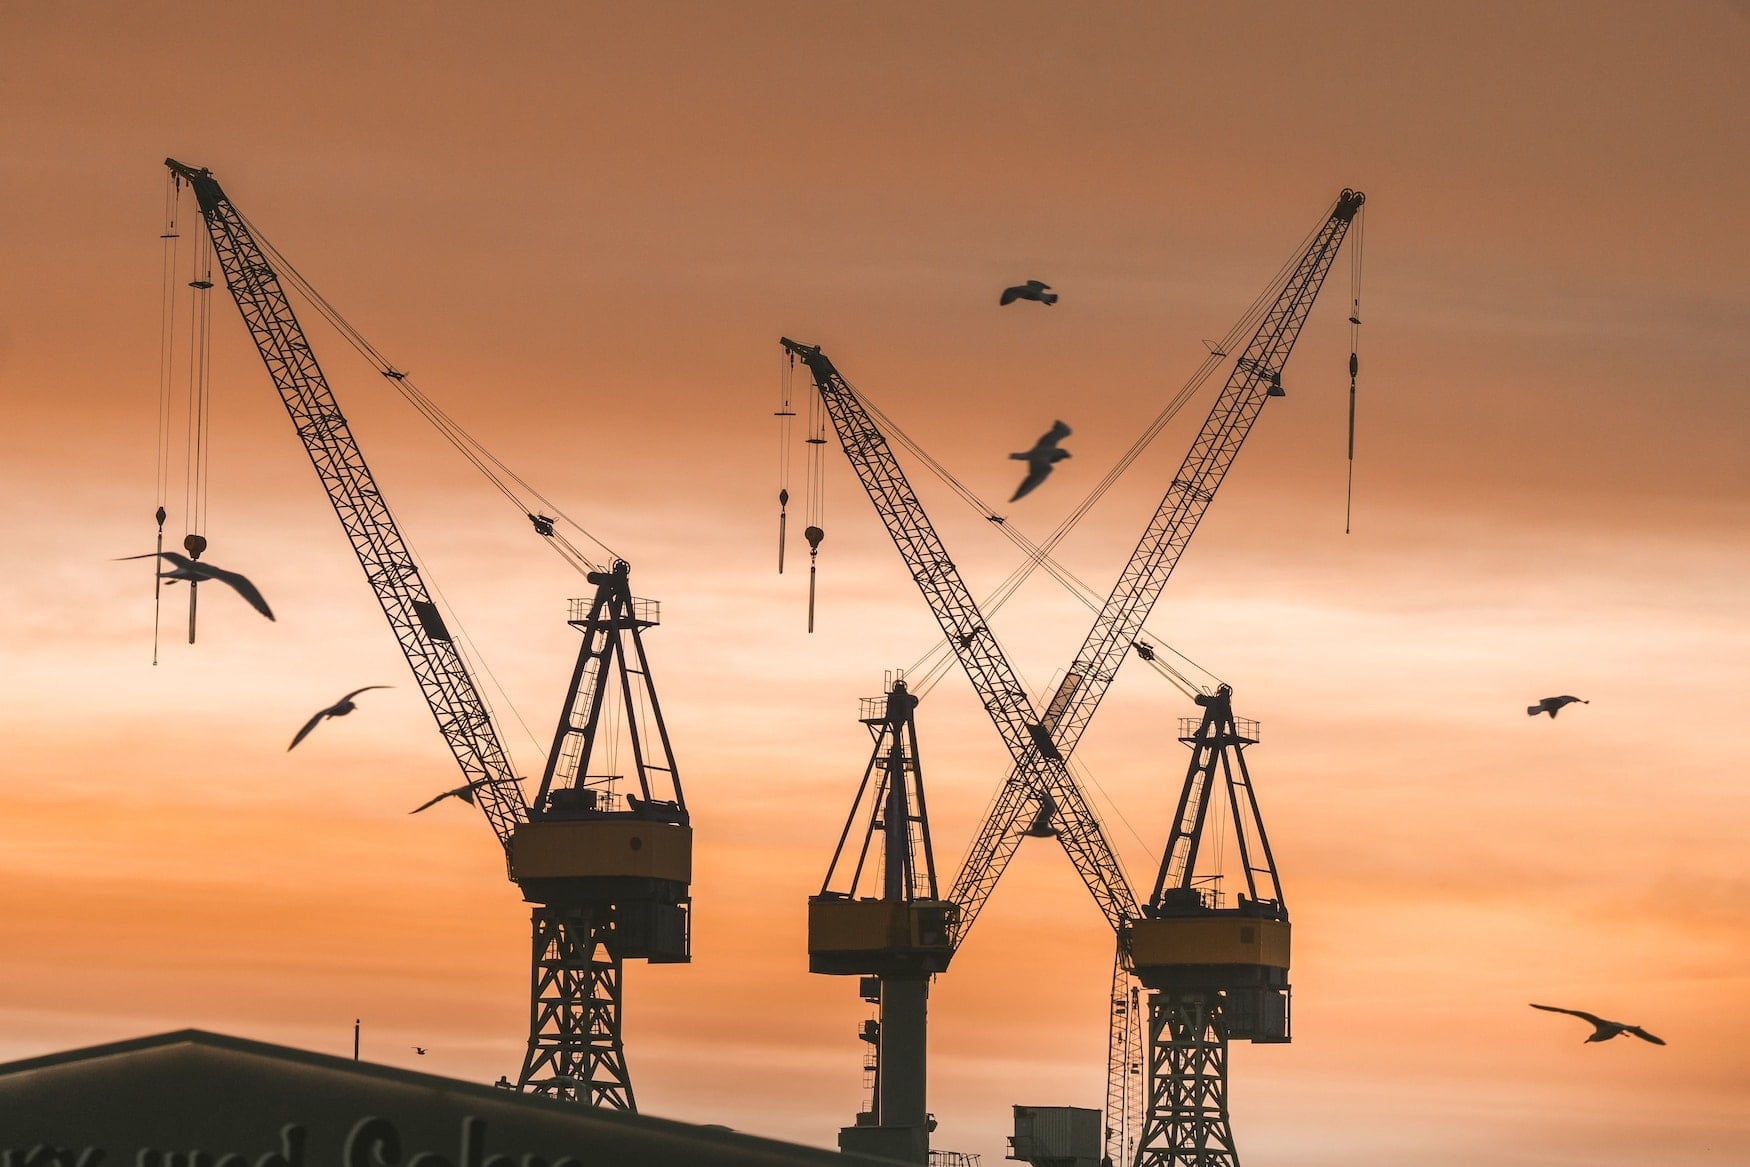 Krähen im Hamburger Hafen bei Sonnenuntergang